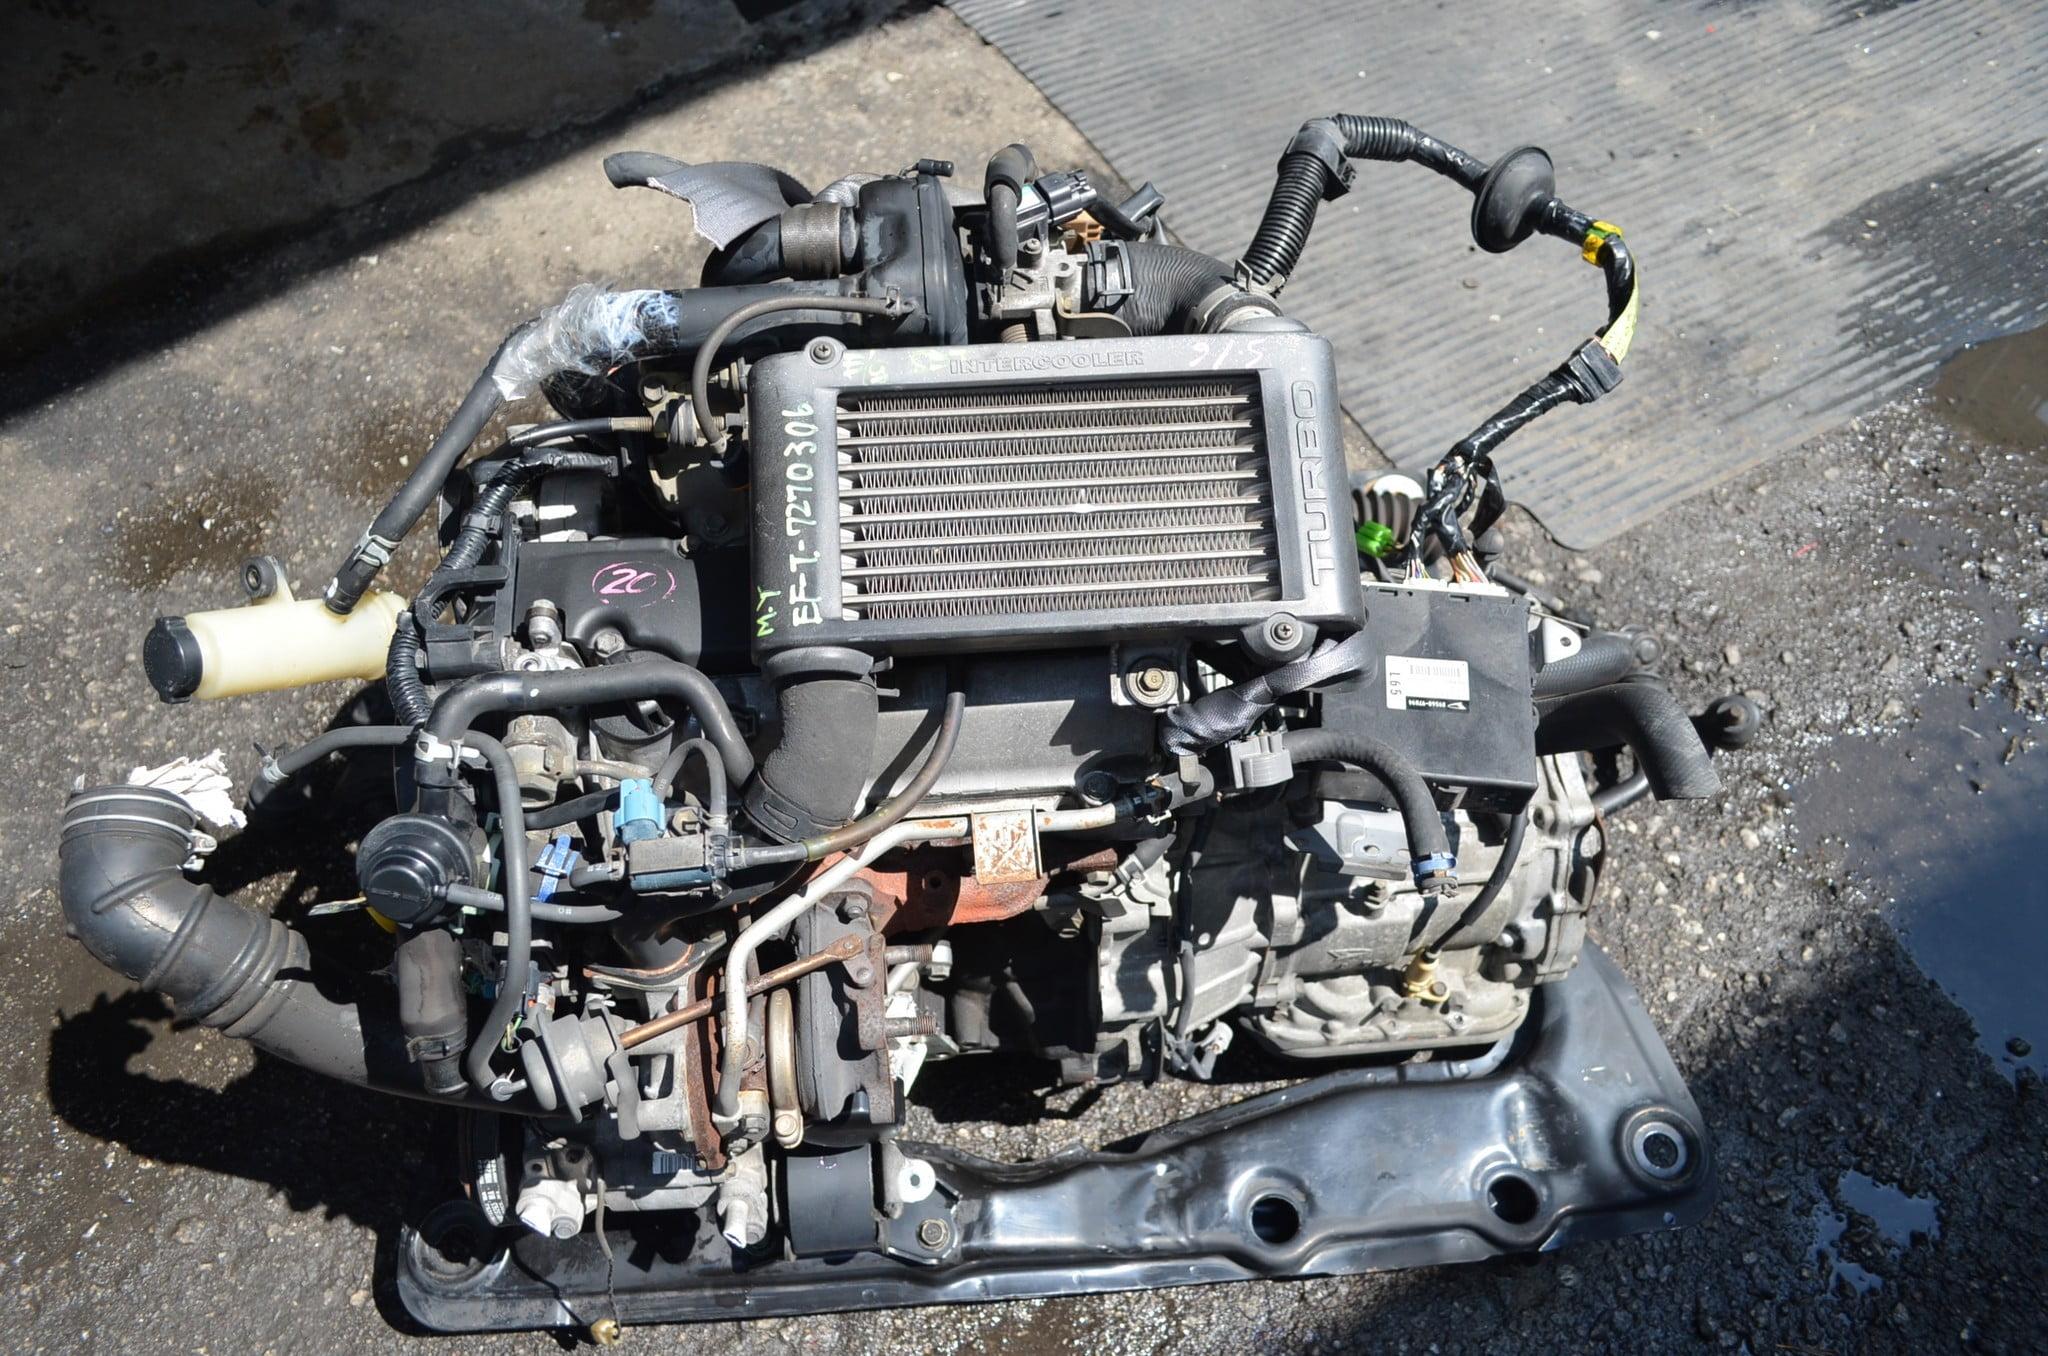 Wiring Diagram Daihatsu Mira L5 And Schematics L7 L9 Engine Lantai Ef Efdet 3 Piston An L2